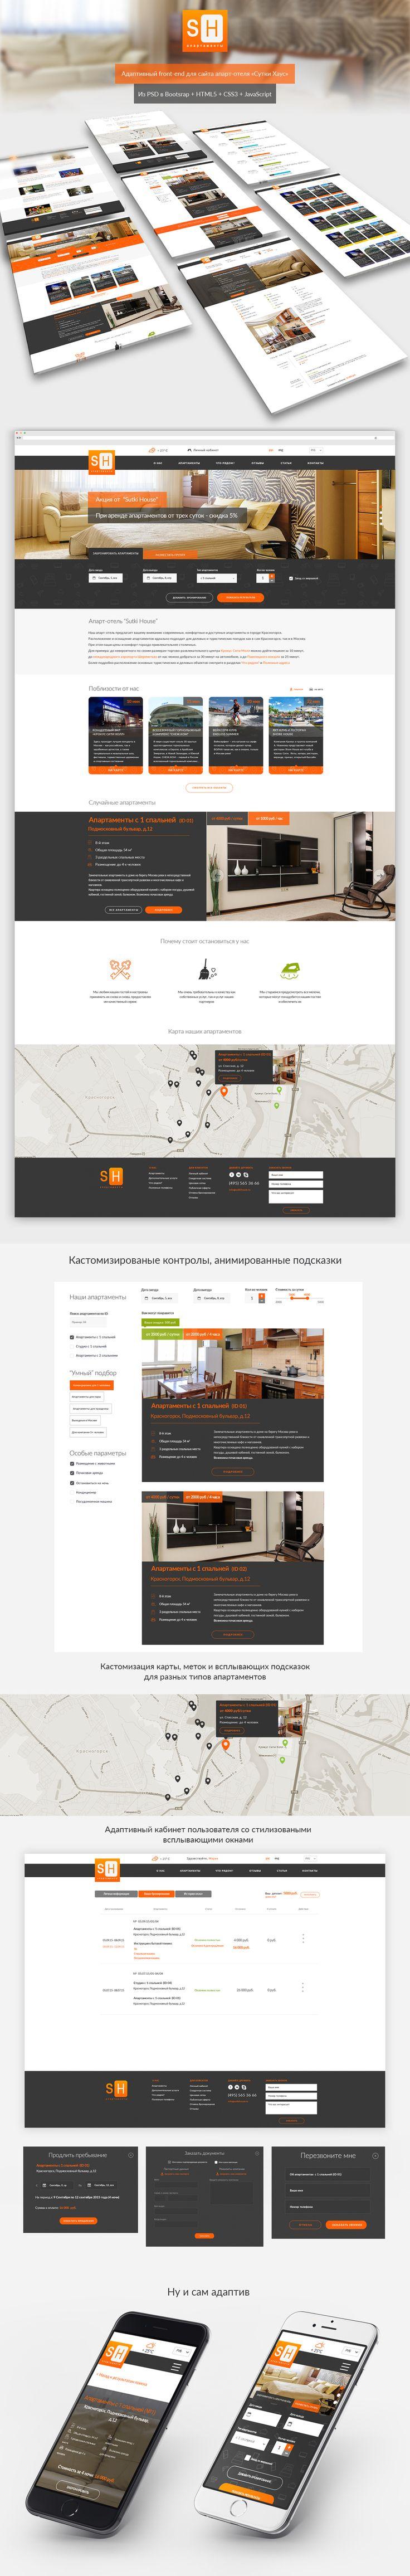 Веб-разработка адаптивного портала для отеля — Работа №2 — Портфолио фрилансера Наталья Мирошина (N_Miroshyna)